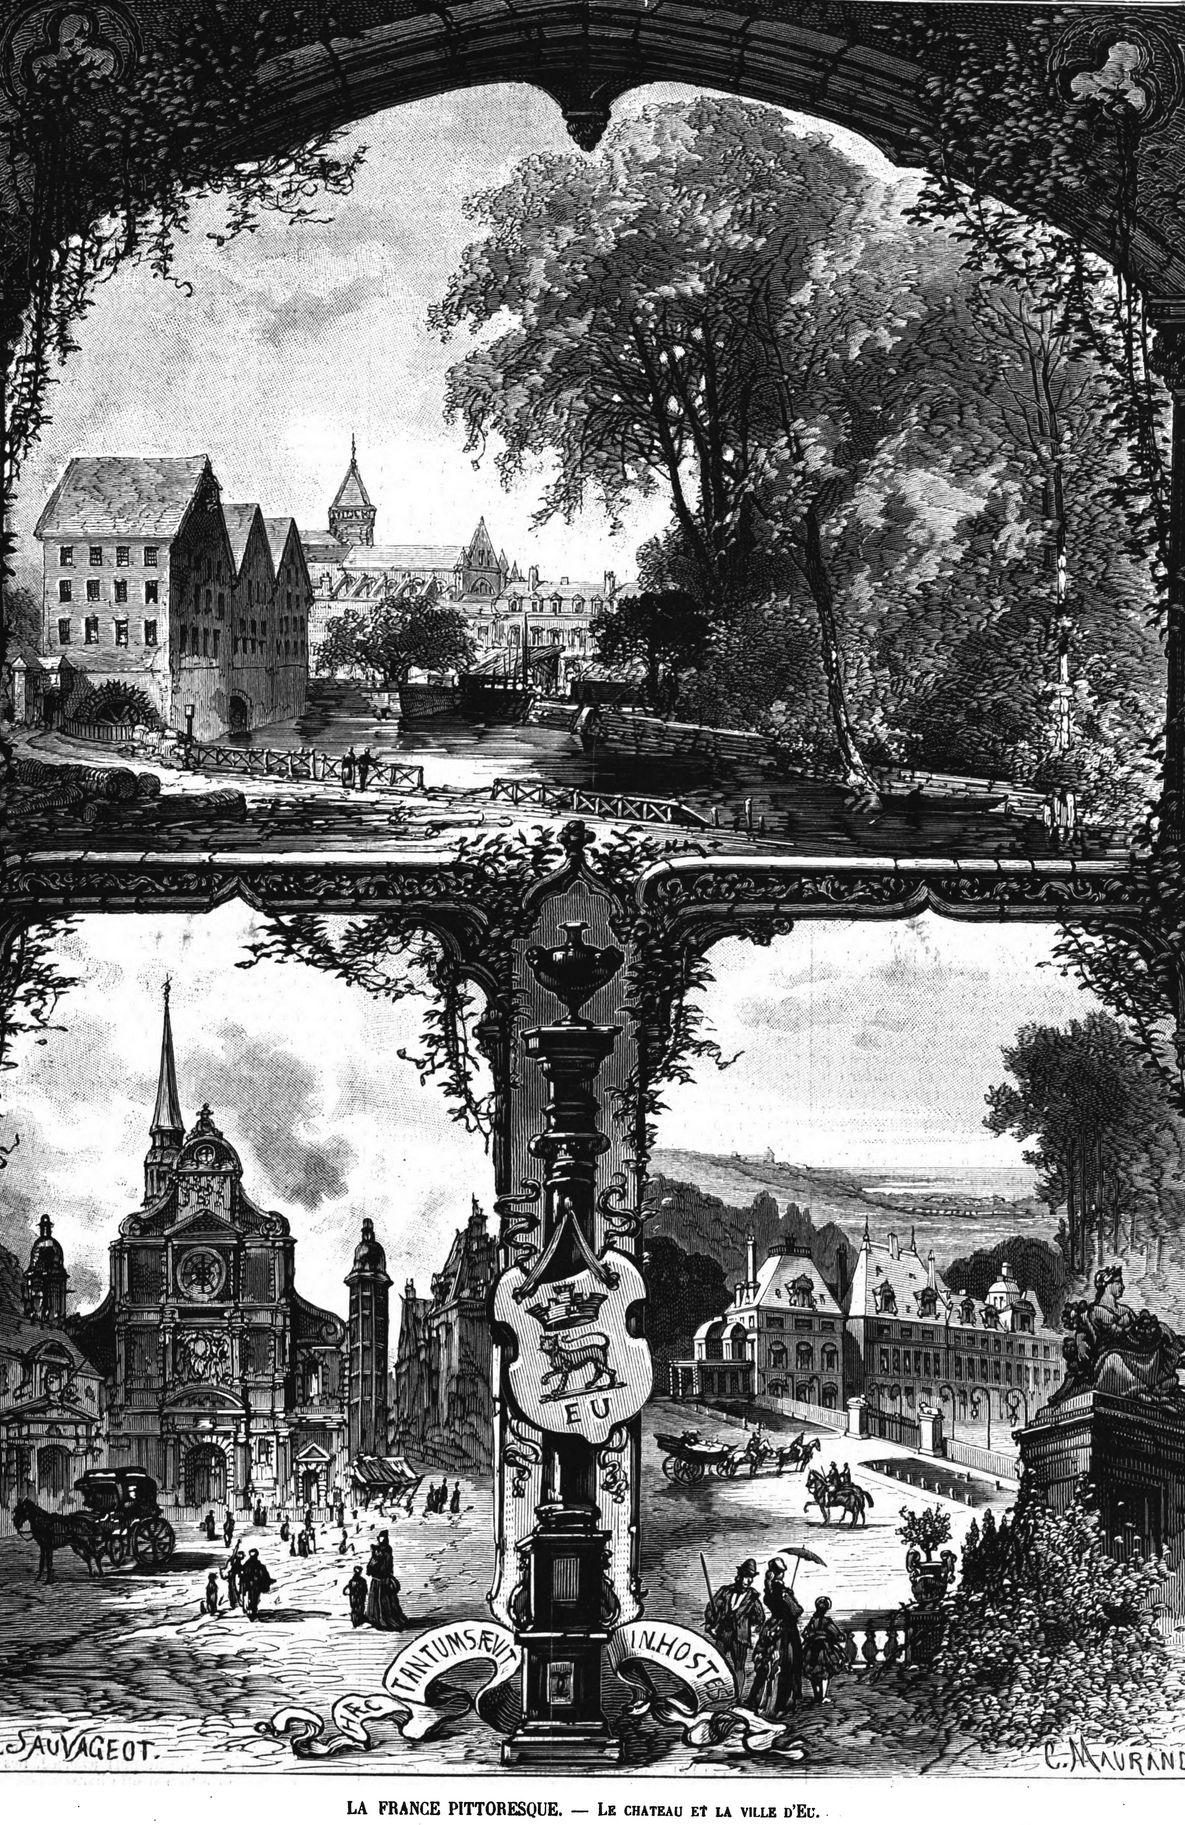 La France pittoresque : le château et la ville d'Eu. 1875